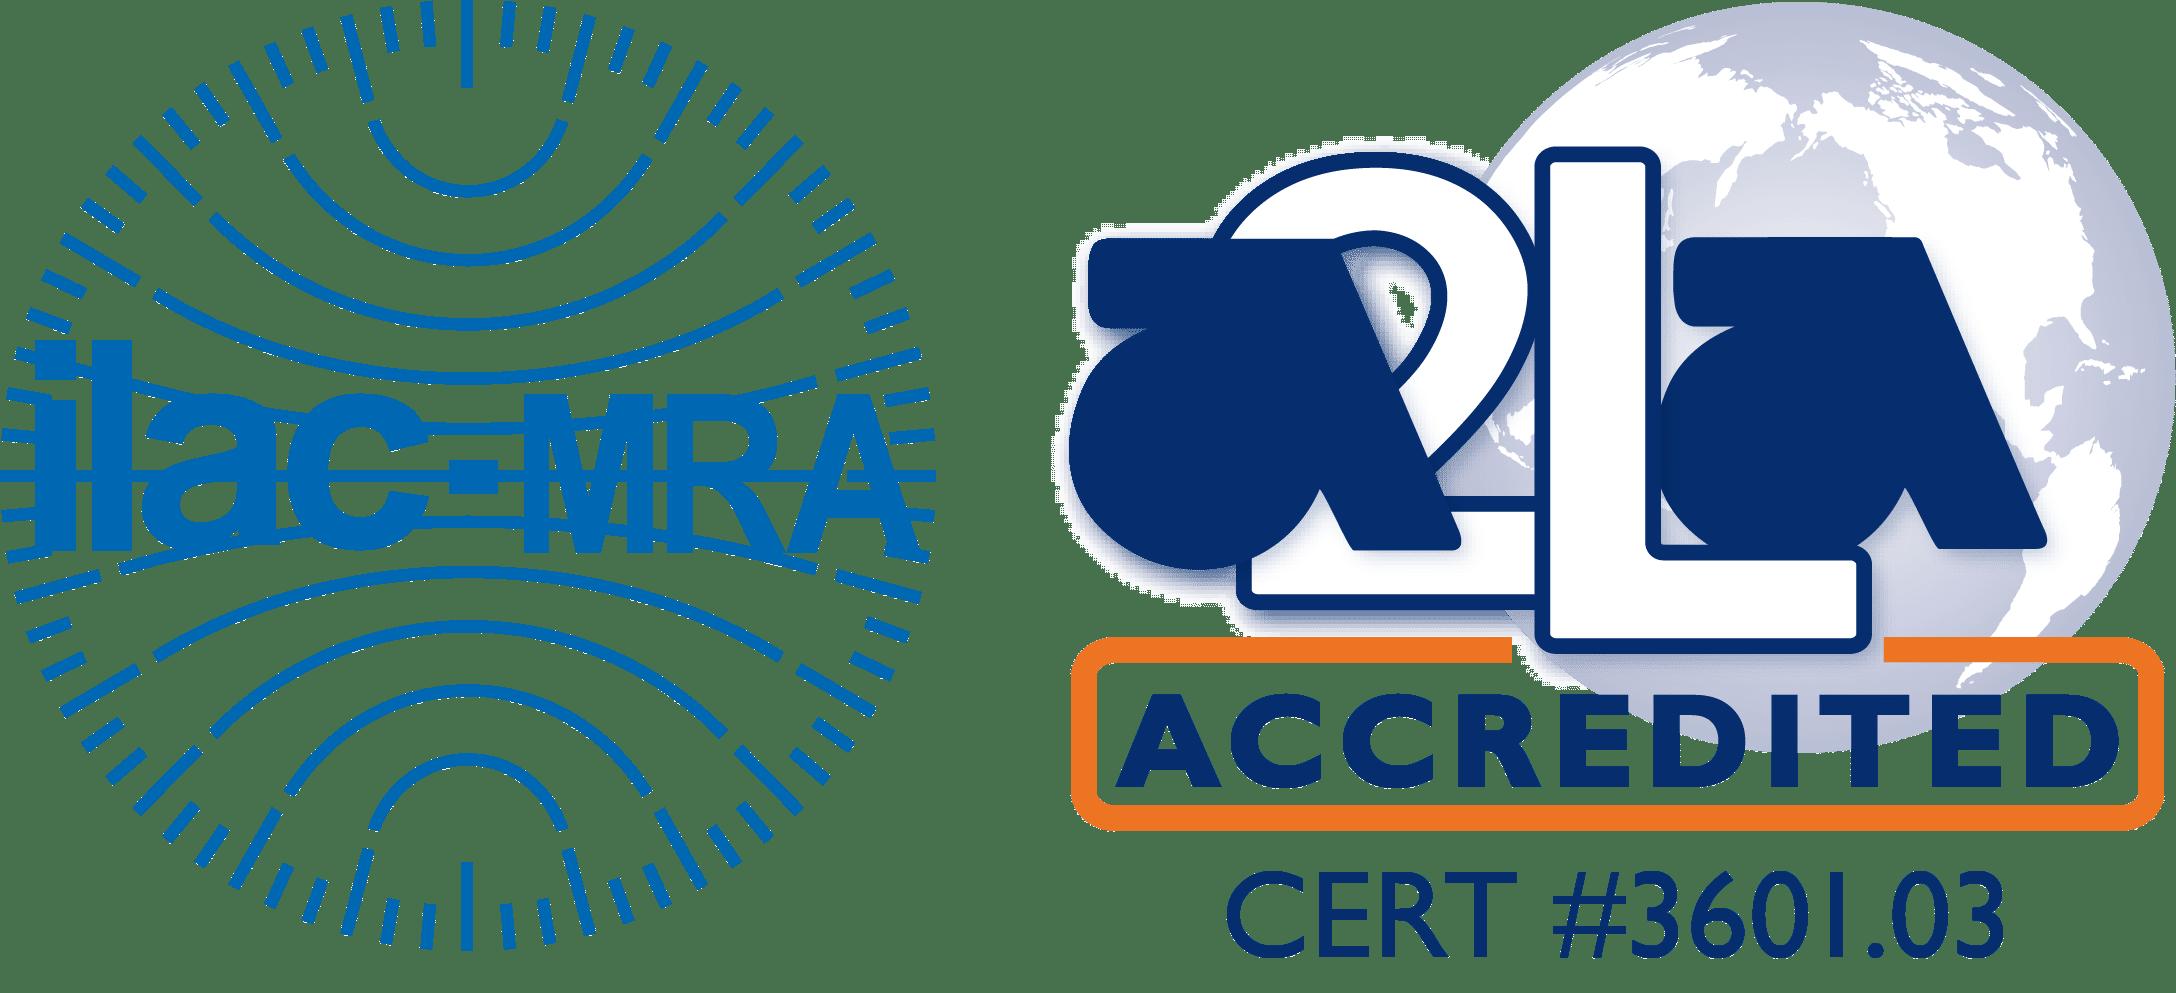 ILAC MRA-A2LA Accredited Symbol 3601.03-01 (Baton Rouge)